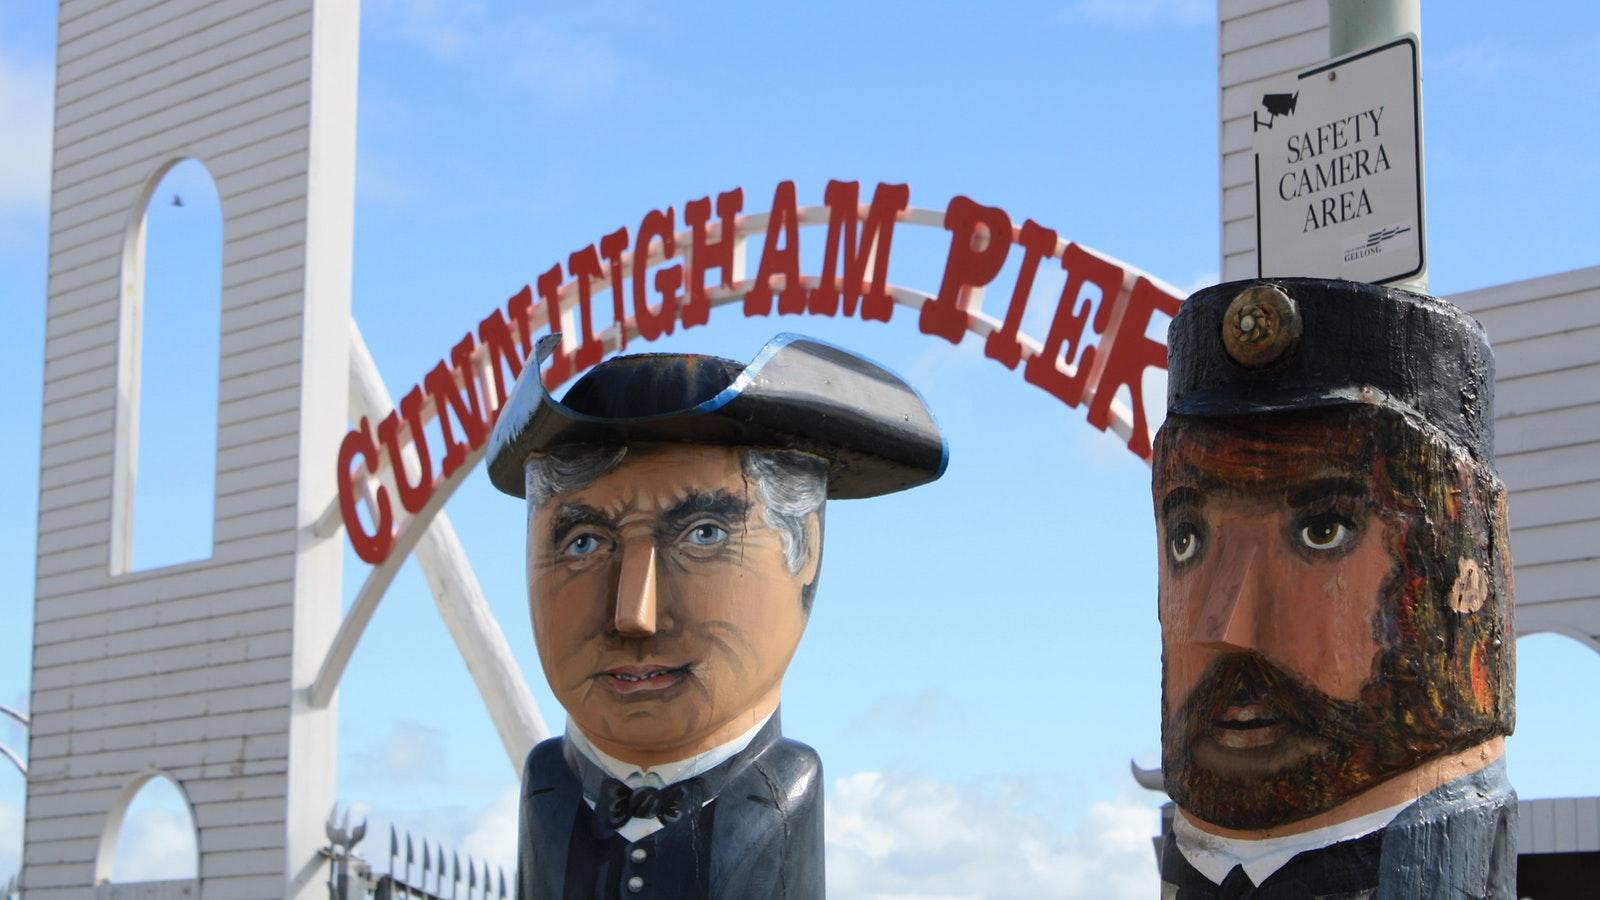 Bollards, Cunningham Pier, Geelong